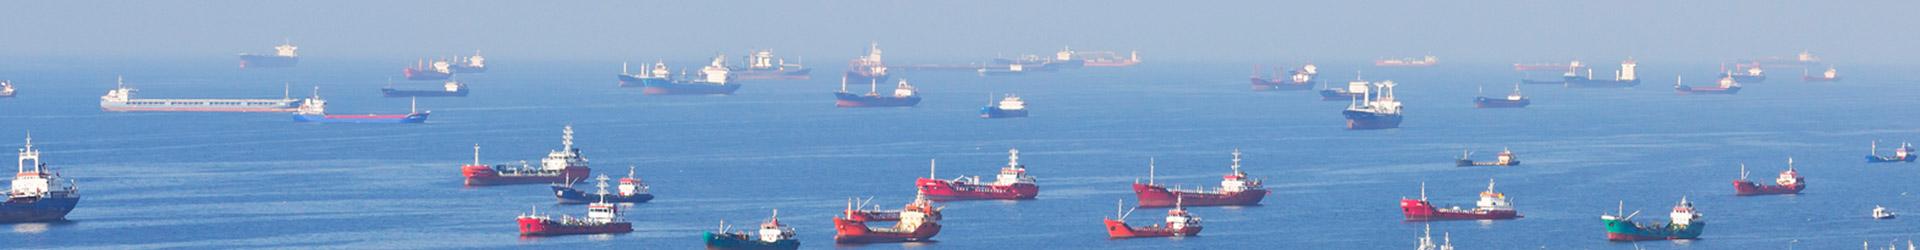 אוניות באיסטנבול